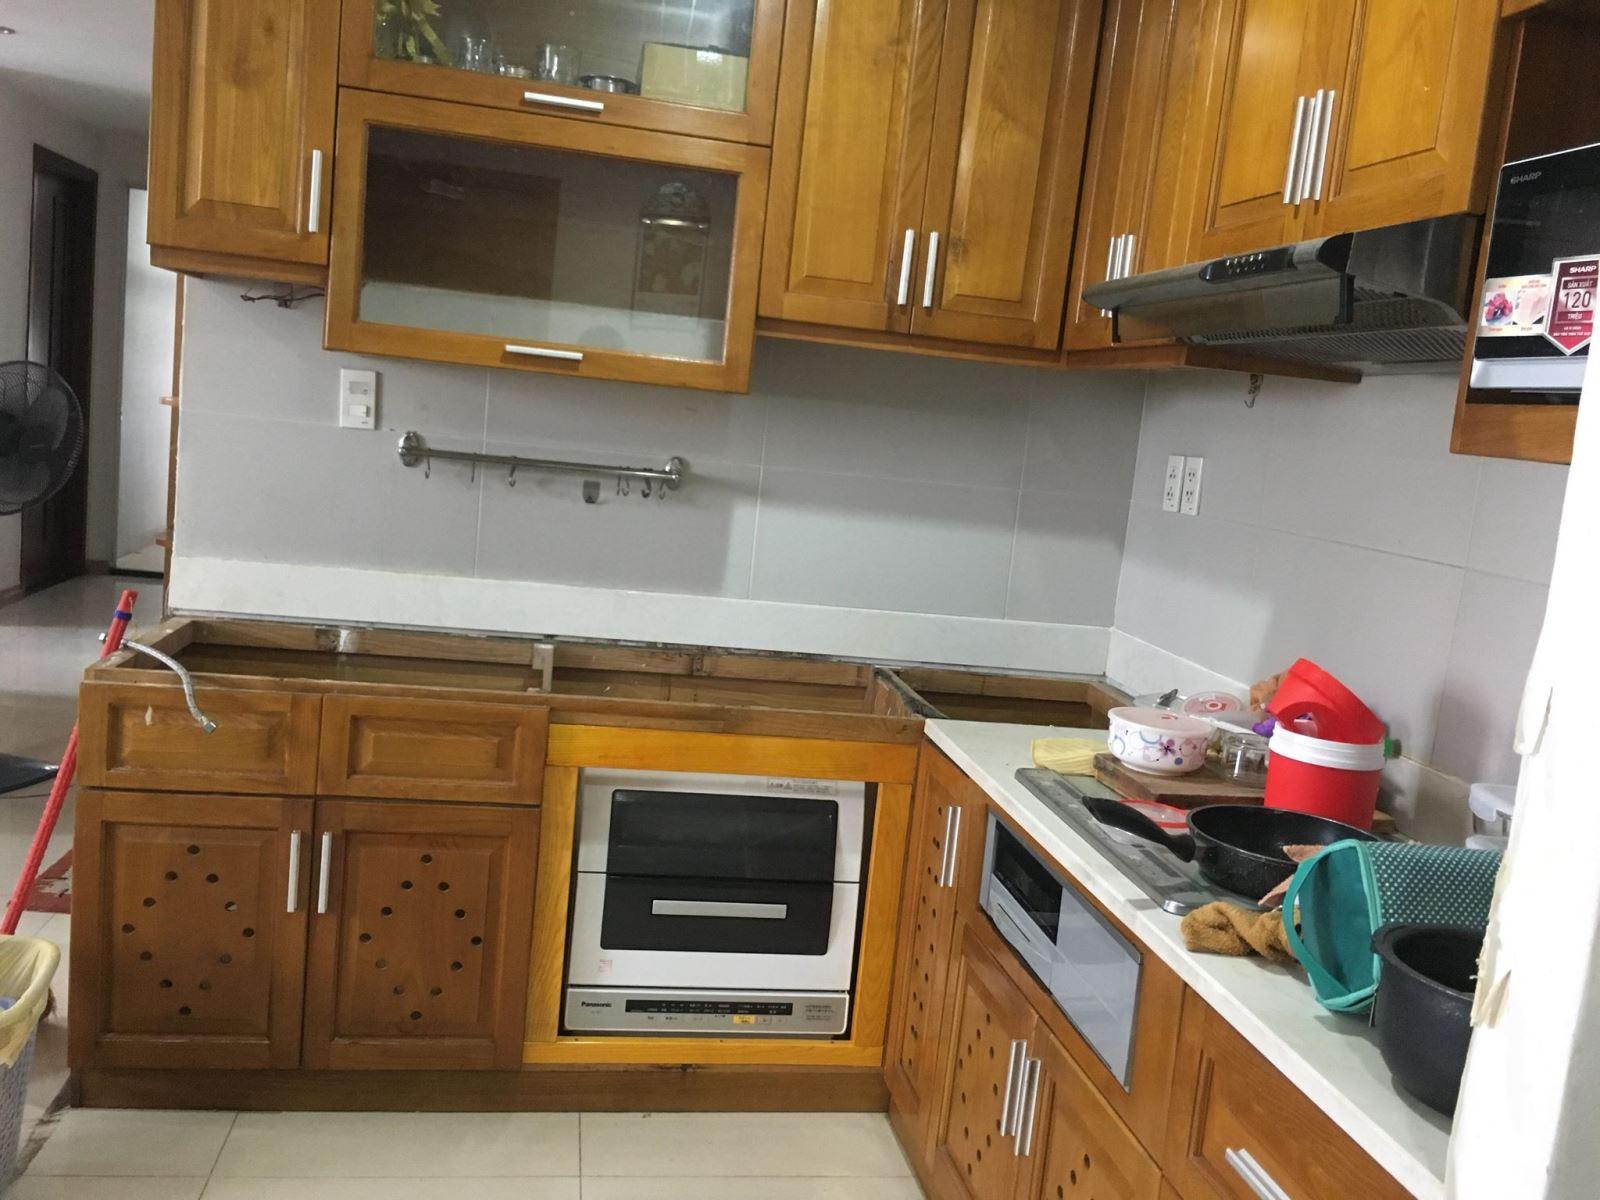 sửa tủ bếp bị mục, ngấm nước tại tphcm